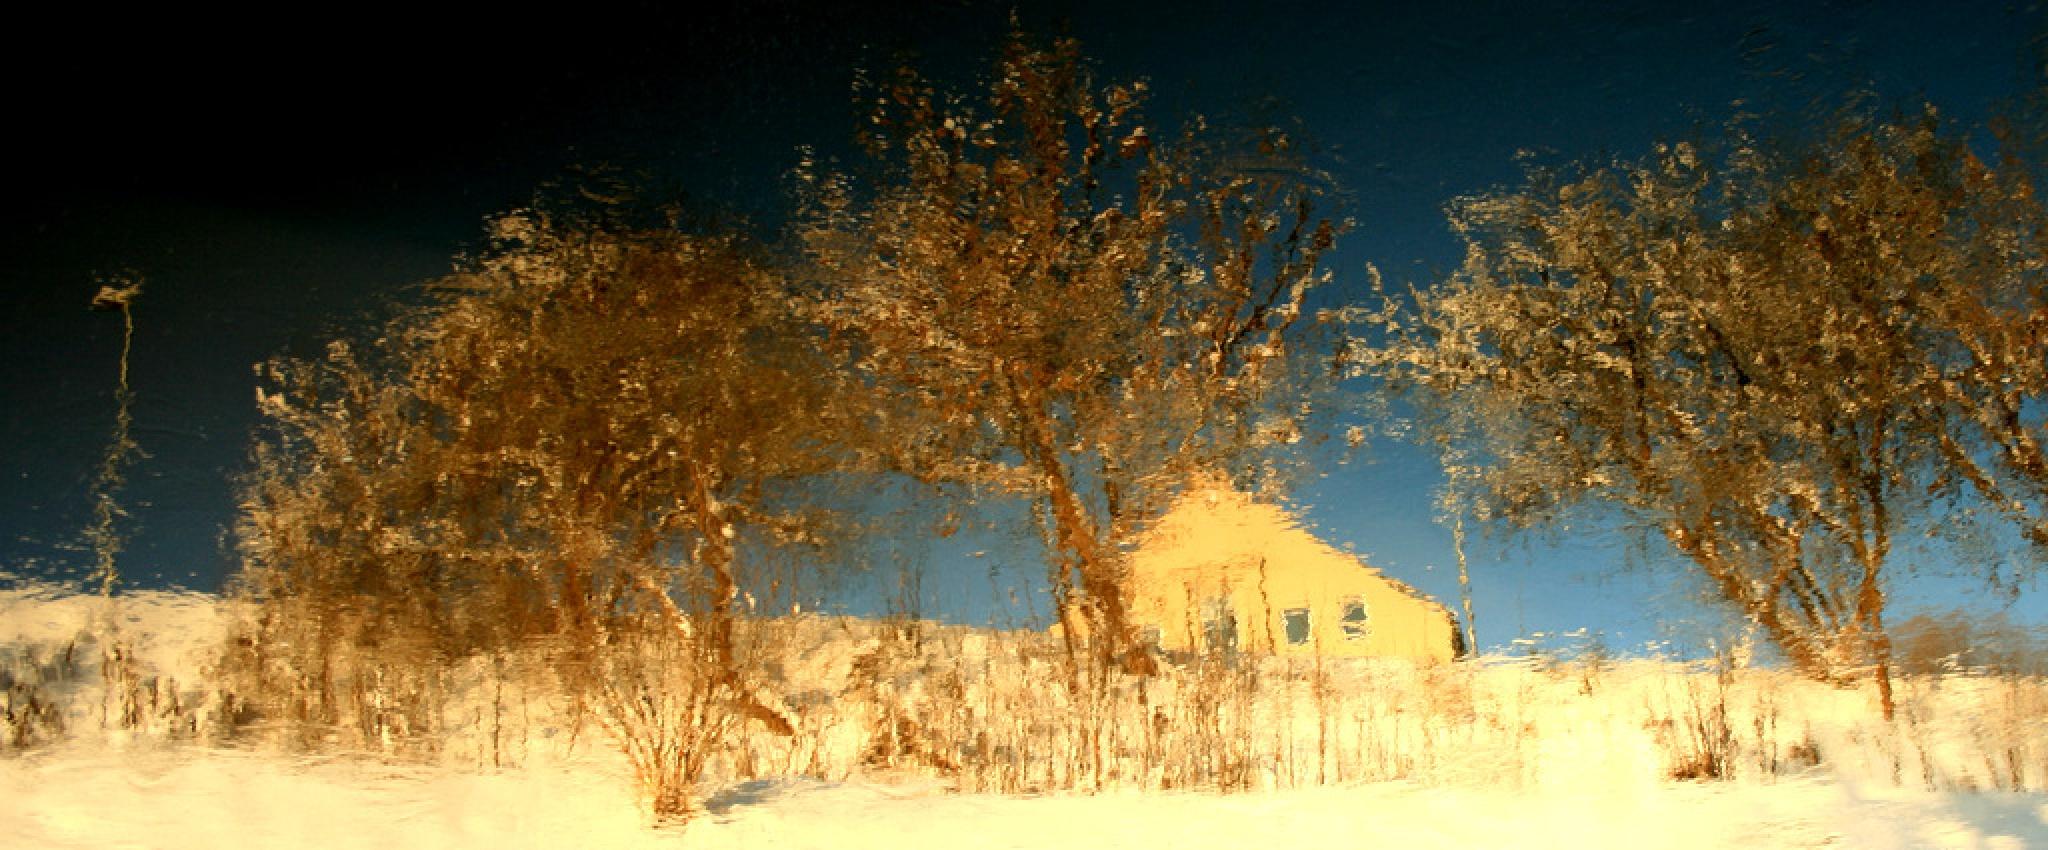 Winter tales by JAKOKTO PAUKAS